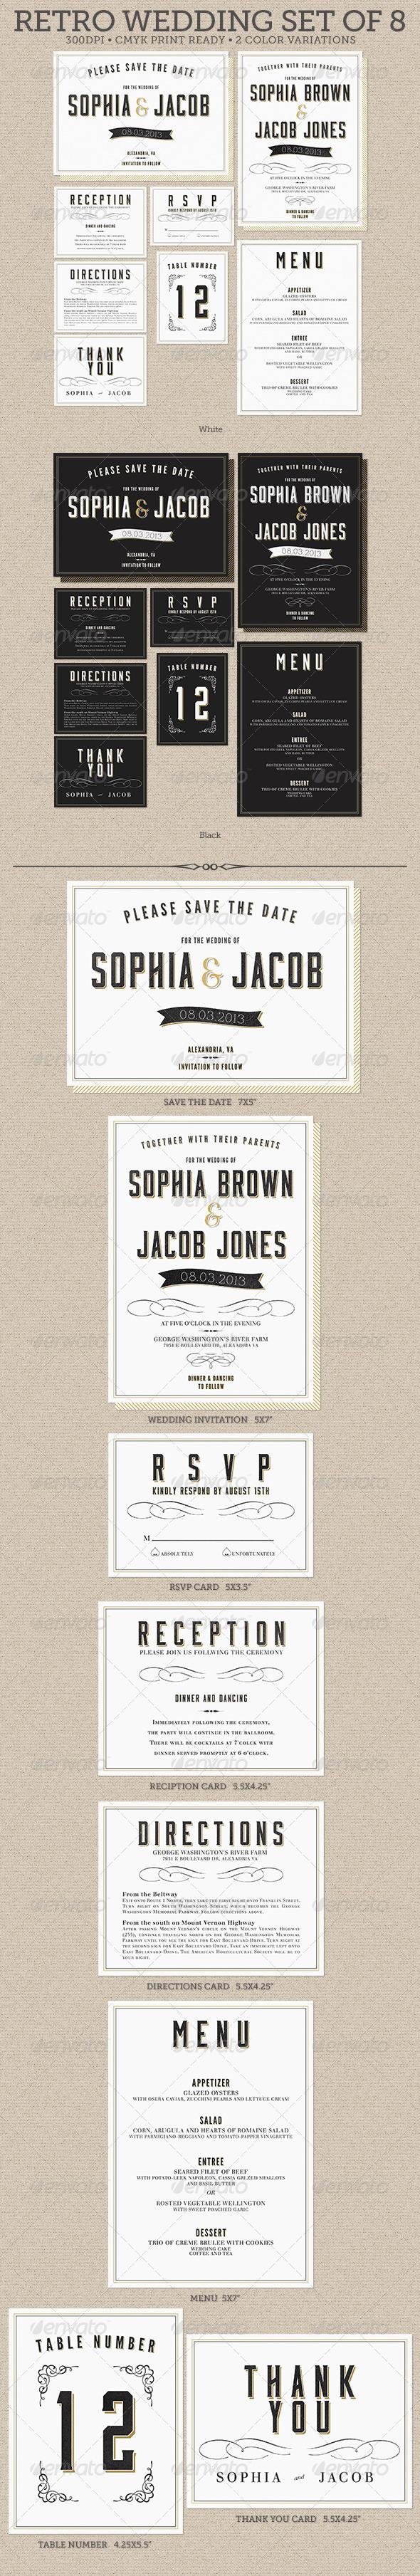 GraphicRiver Retro Wedding Set of 8 5059114